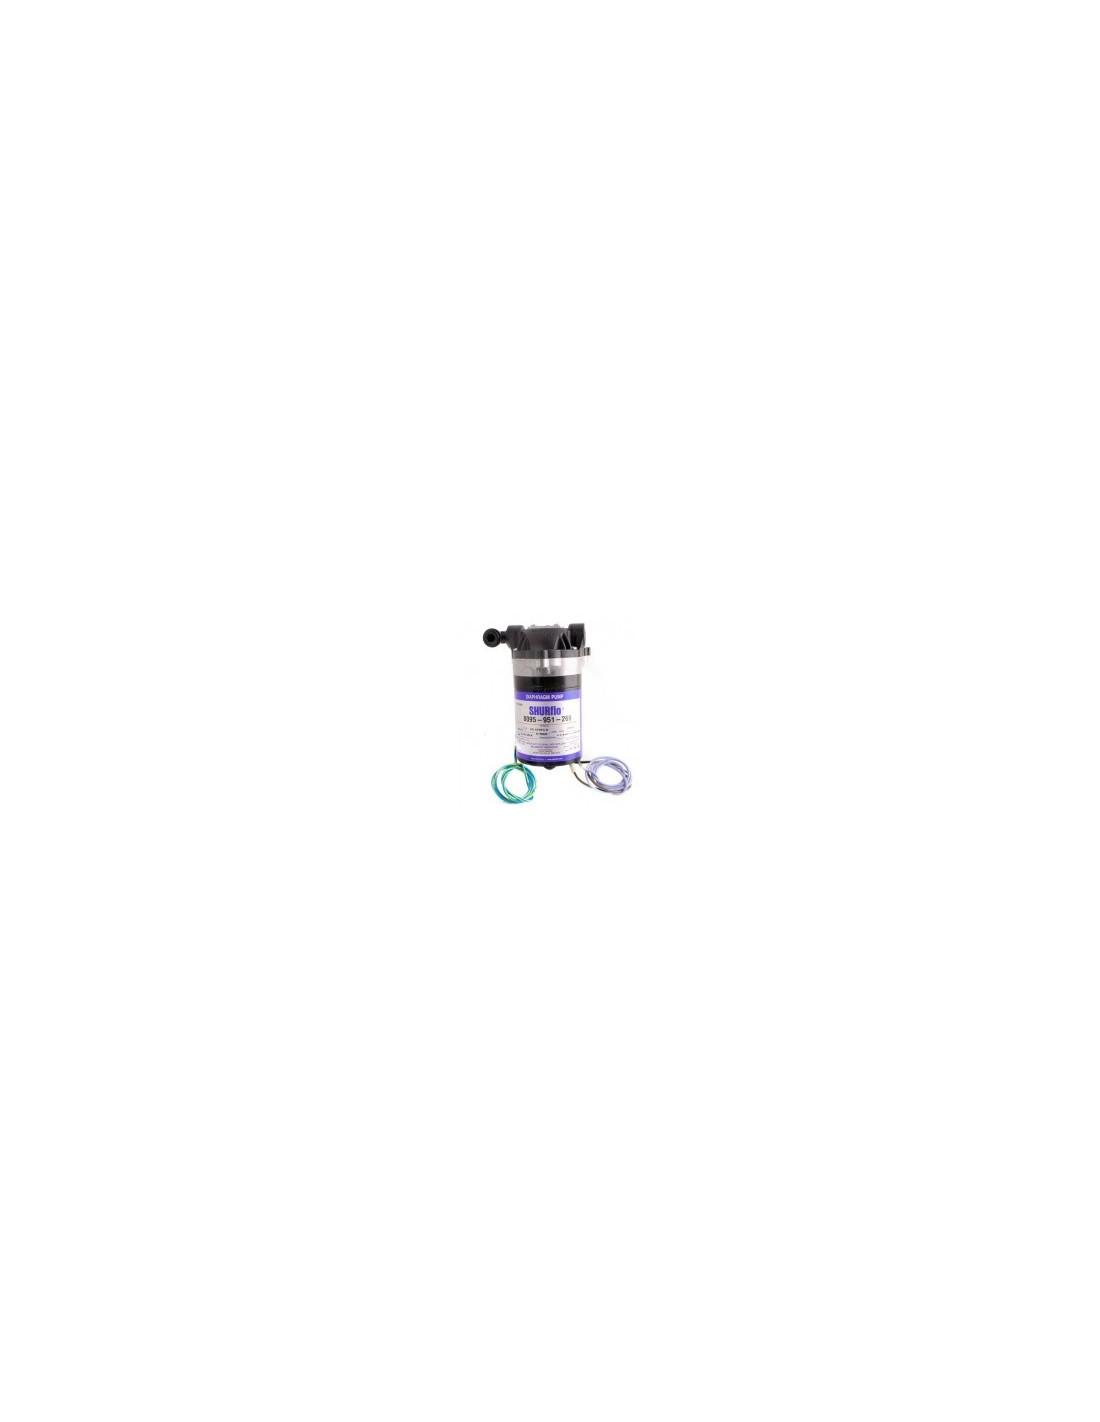 PUC01674 - Tillbehör - Shurflo pump till Sodamaskin Pygmy och AS-45